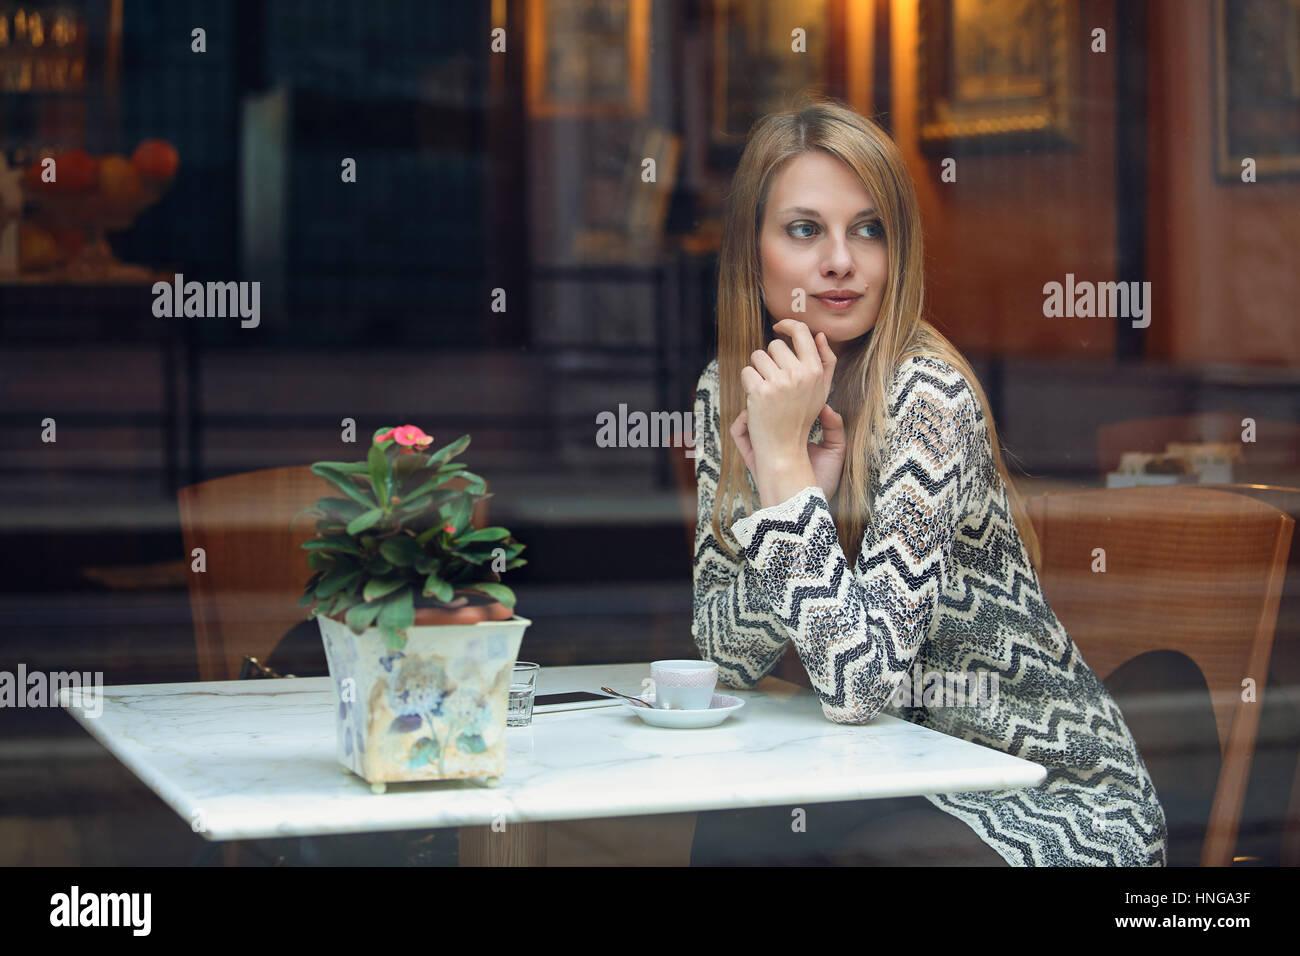 Giovane donna prendendo una pausa in eleganti cafe. Uno stile di vita urbano Foto Stock